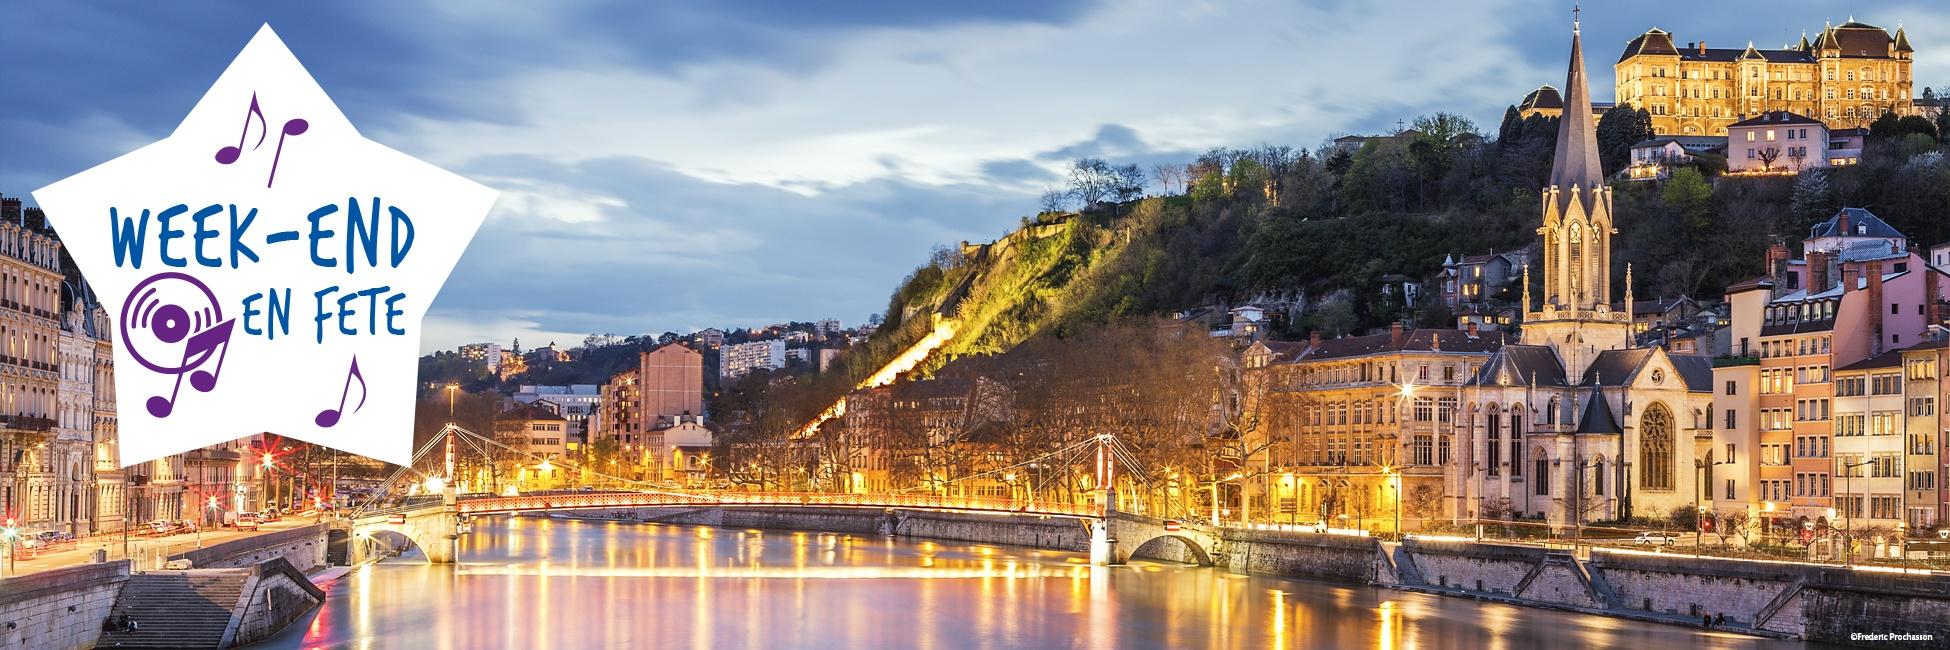 Week-end en fête sur le Rhône